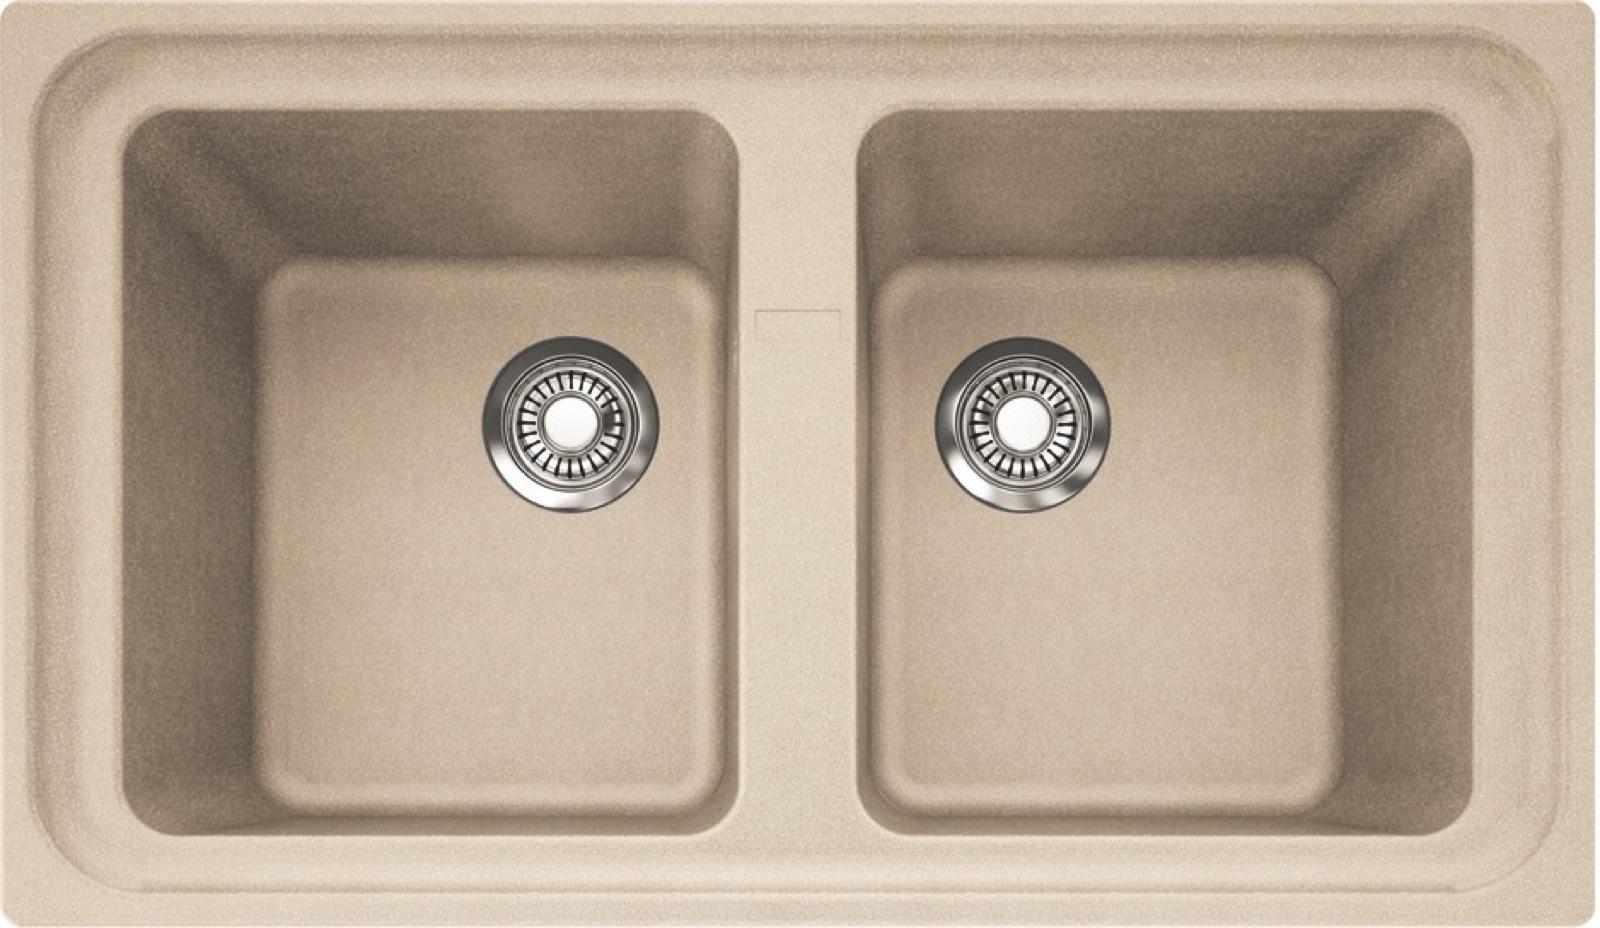 Chiuveta fragranite Franke Impact IMG 620 reversibila 860x500 tehnologie Sanitized Avena